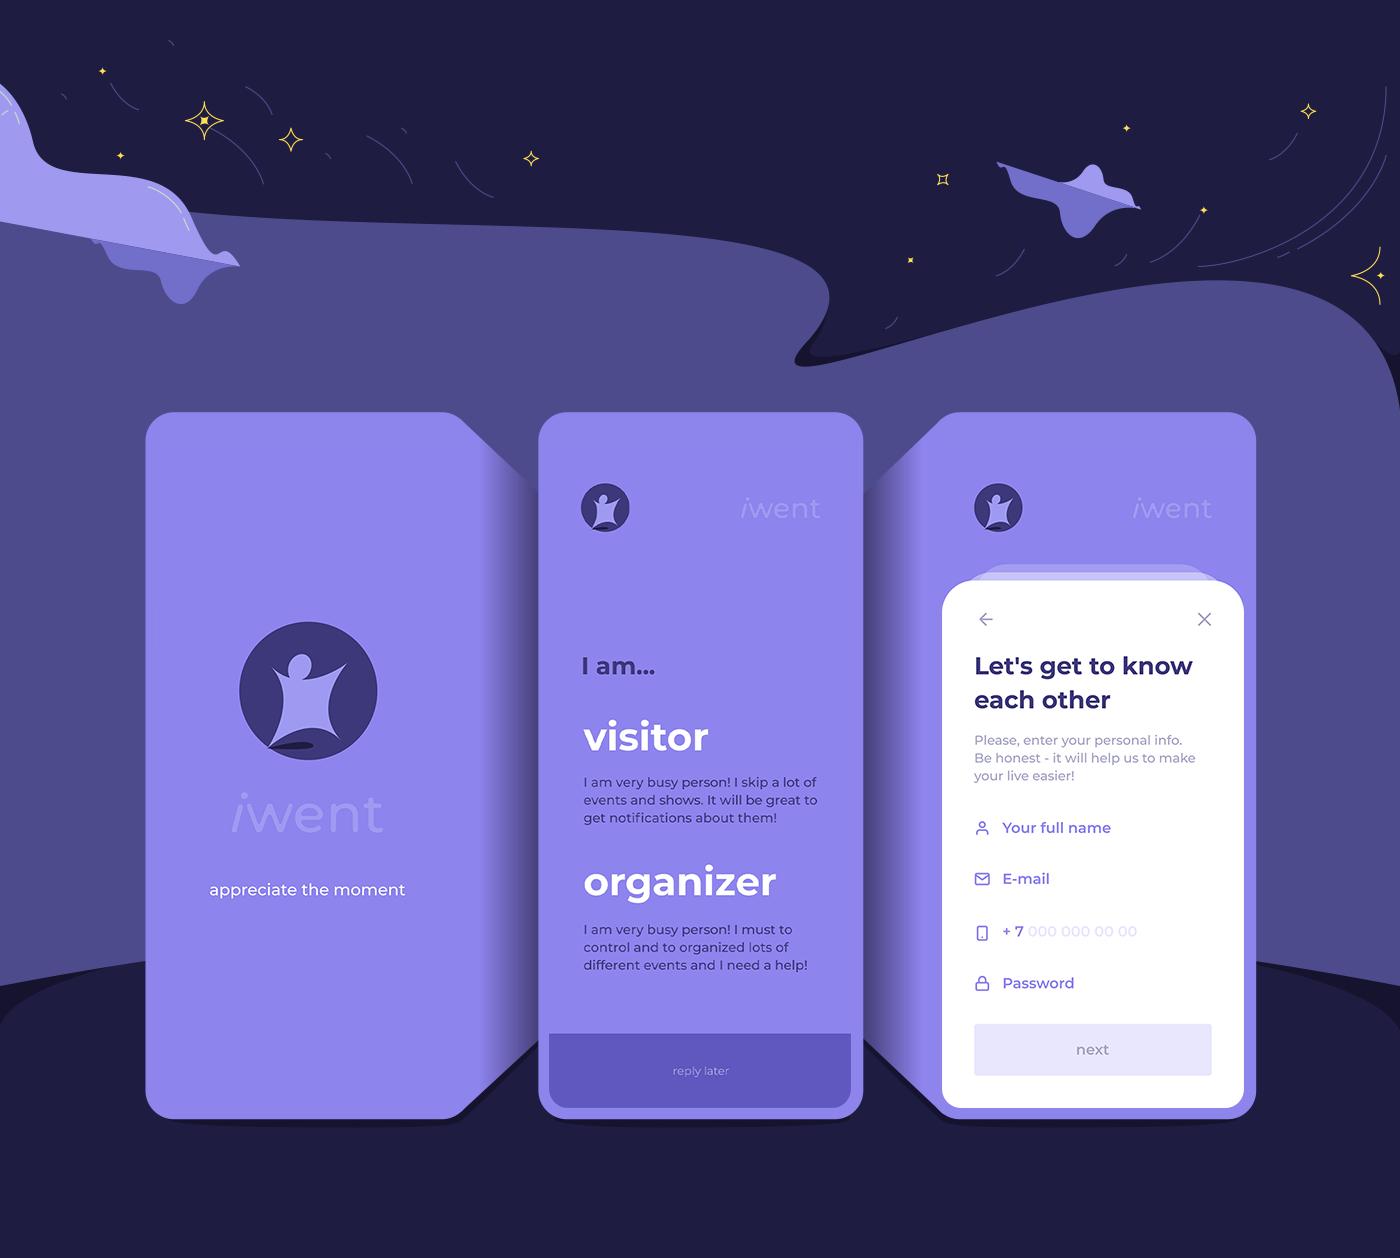 app flutter Event mobile meeting Startup ILLUSTRATION  Character ux UI